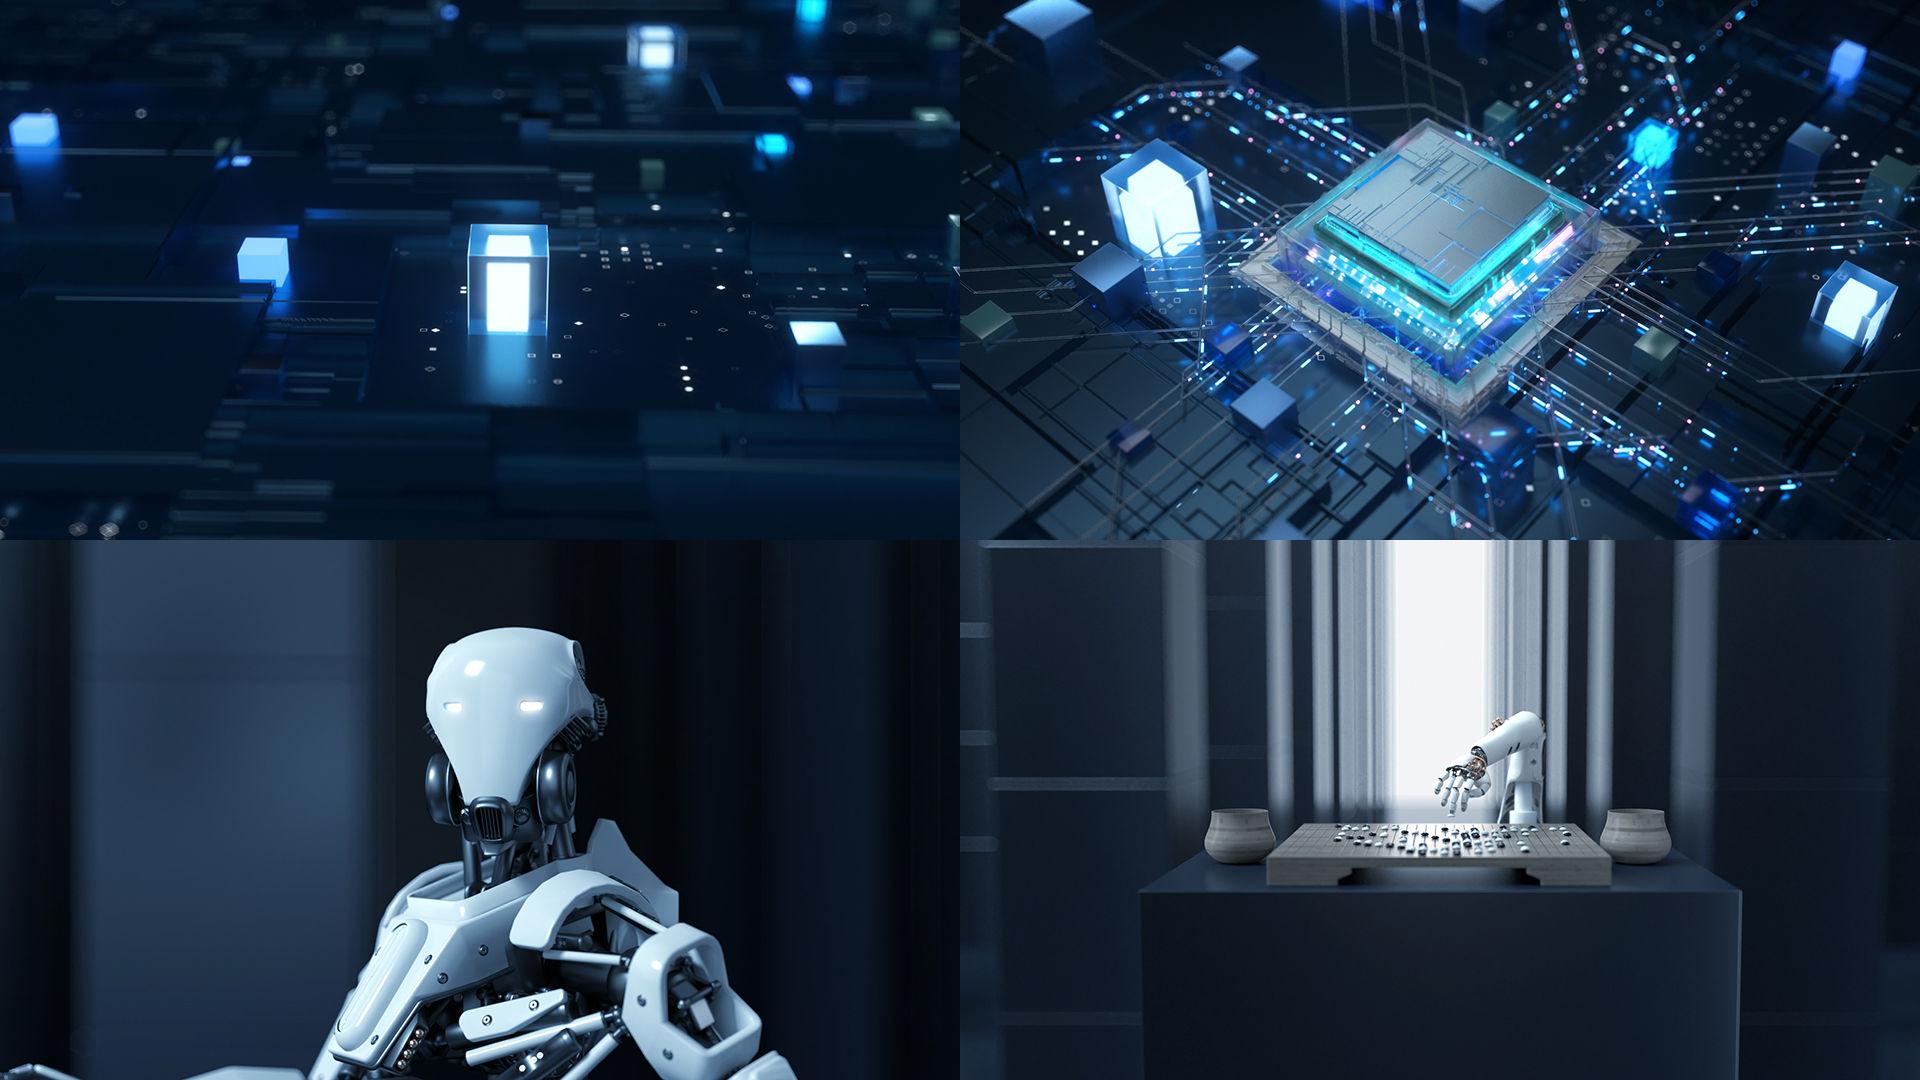 科技人工智能穿梭_C4D工程动画